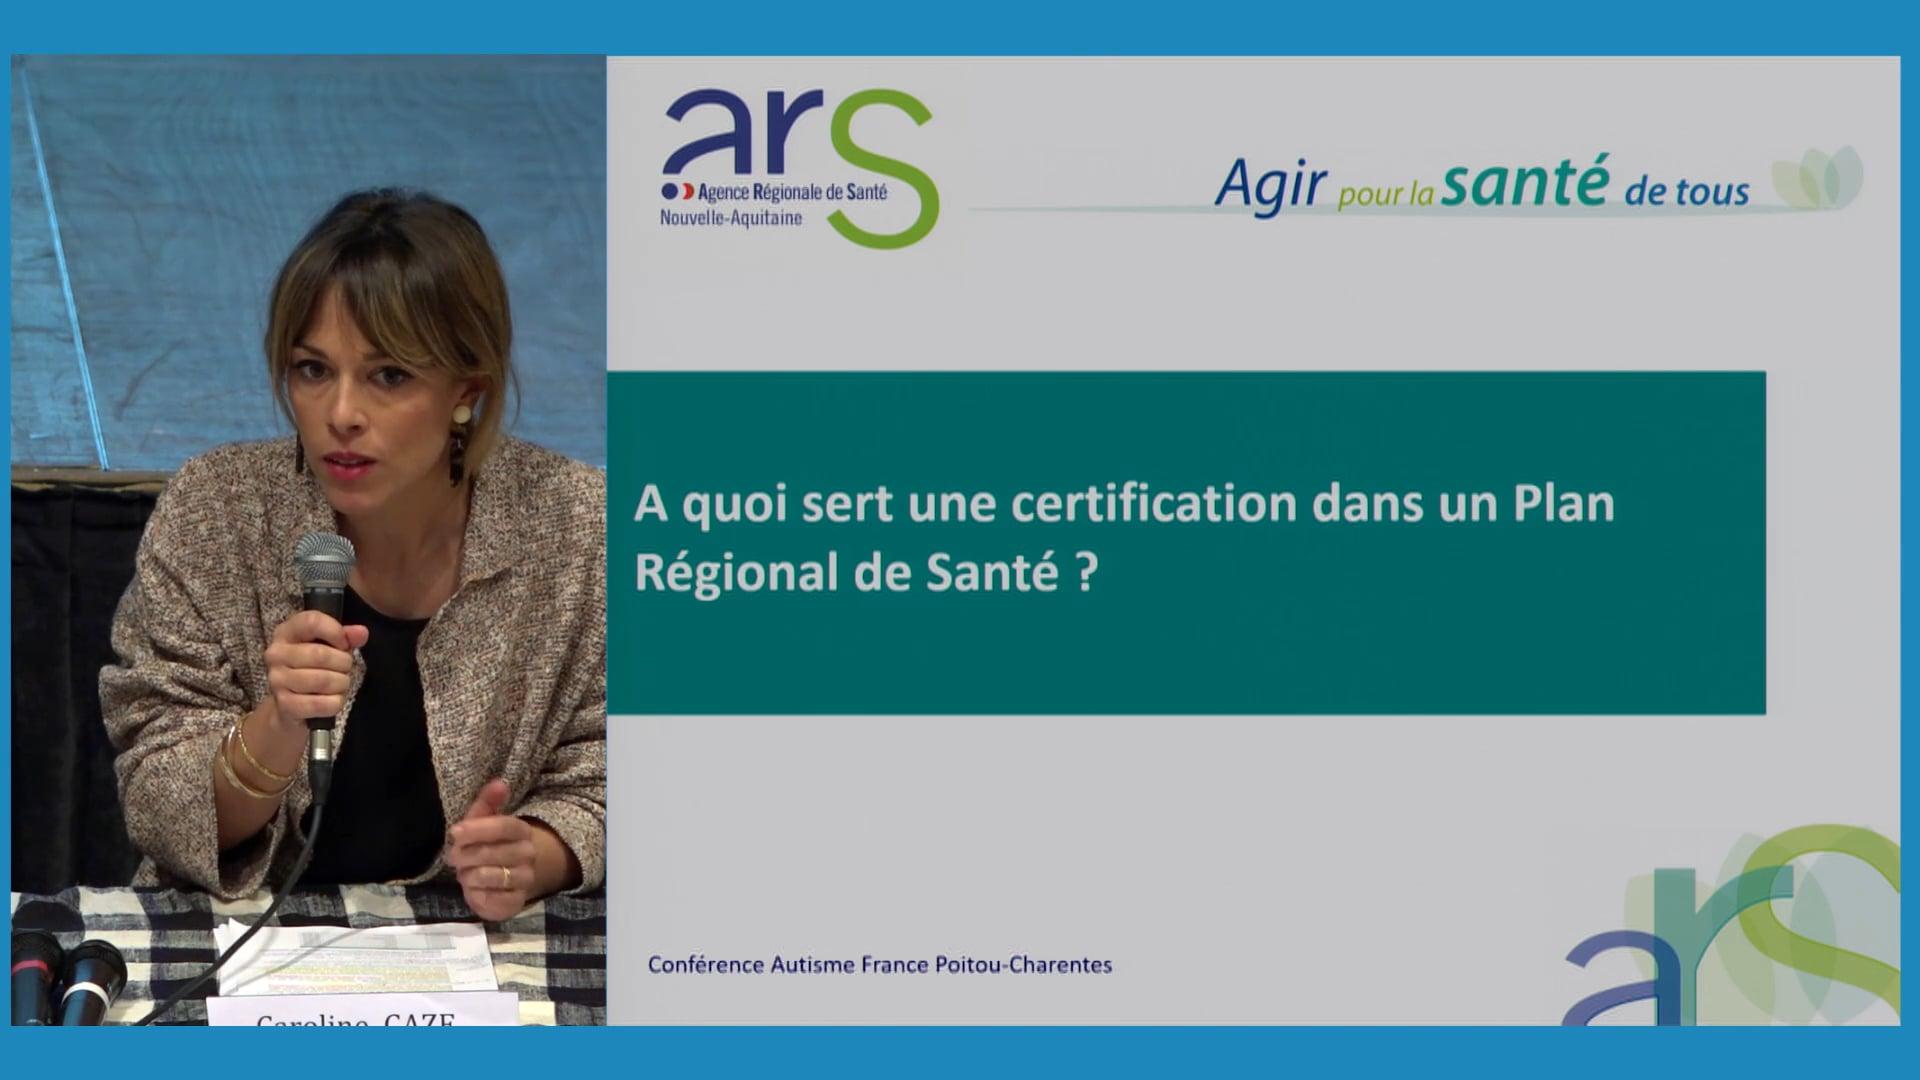 A quoi sert une certification dans un Plan Régional de Santé ?